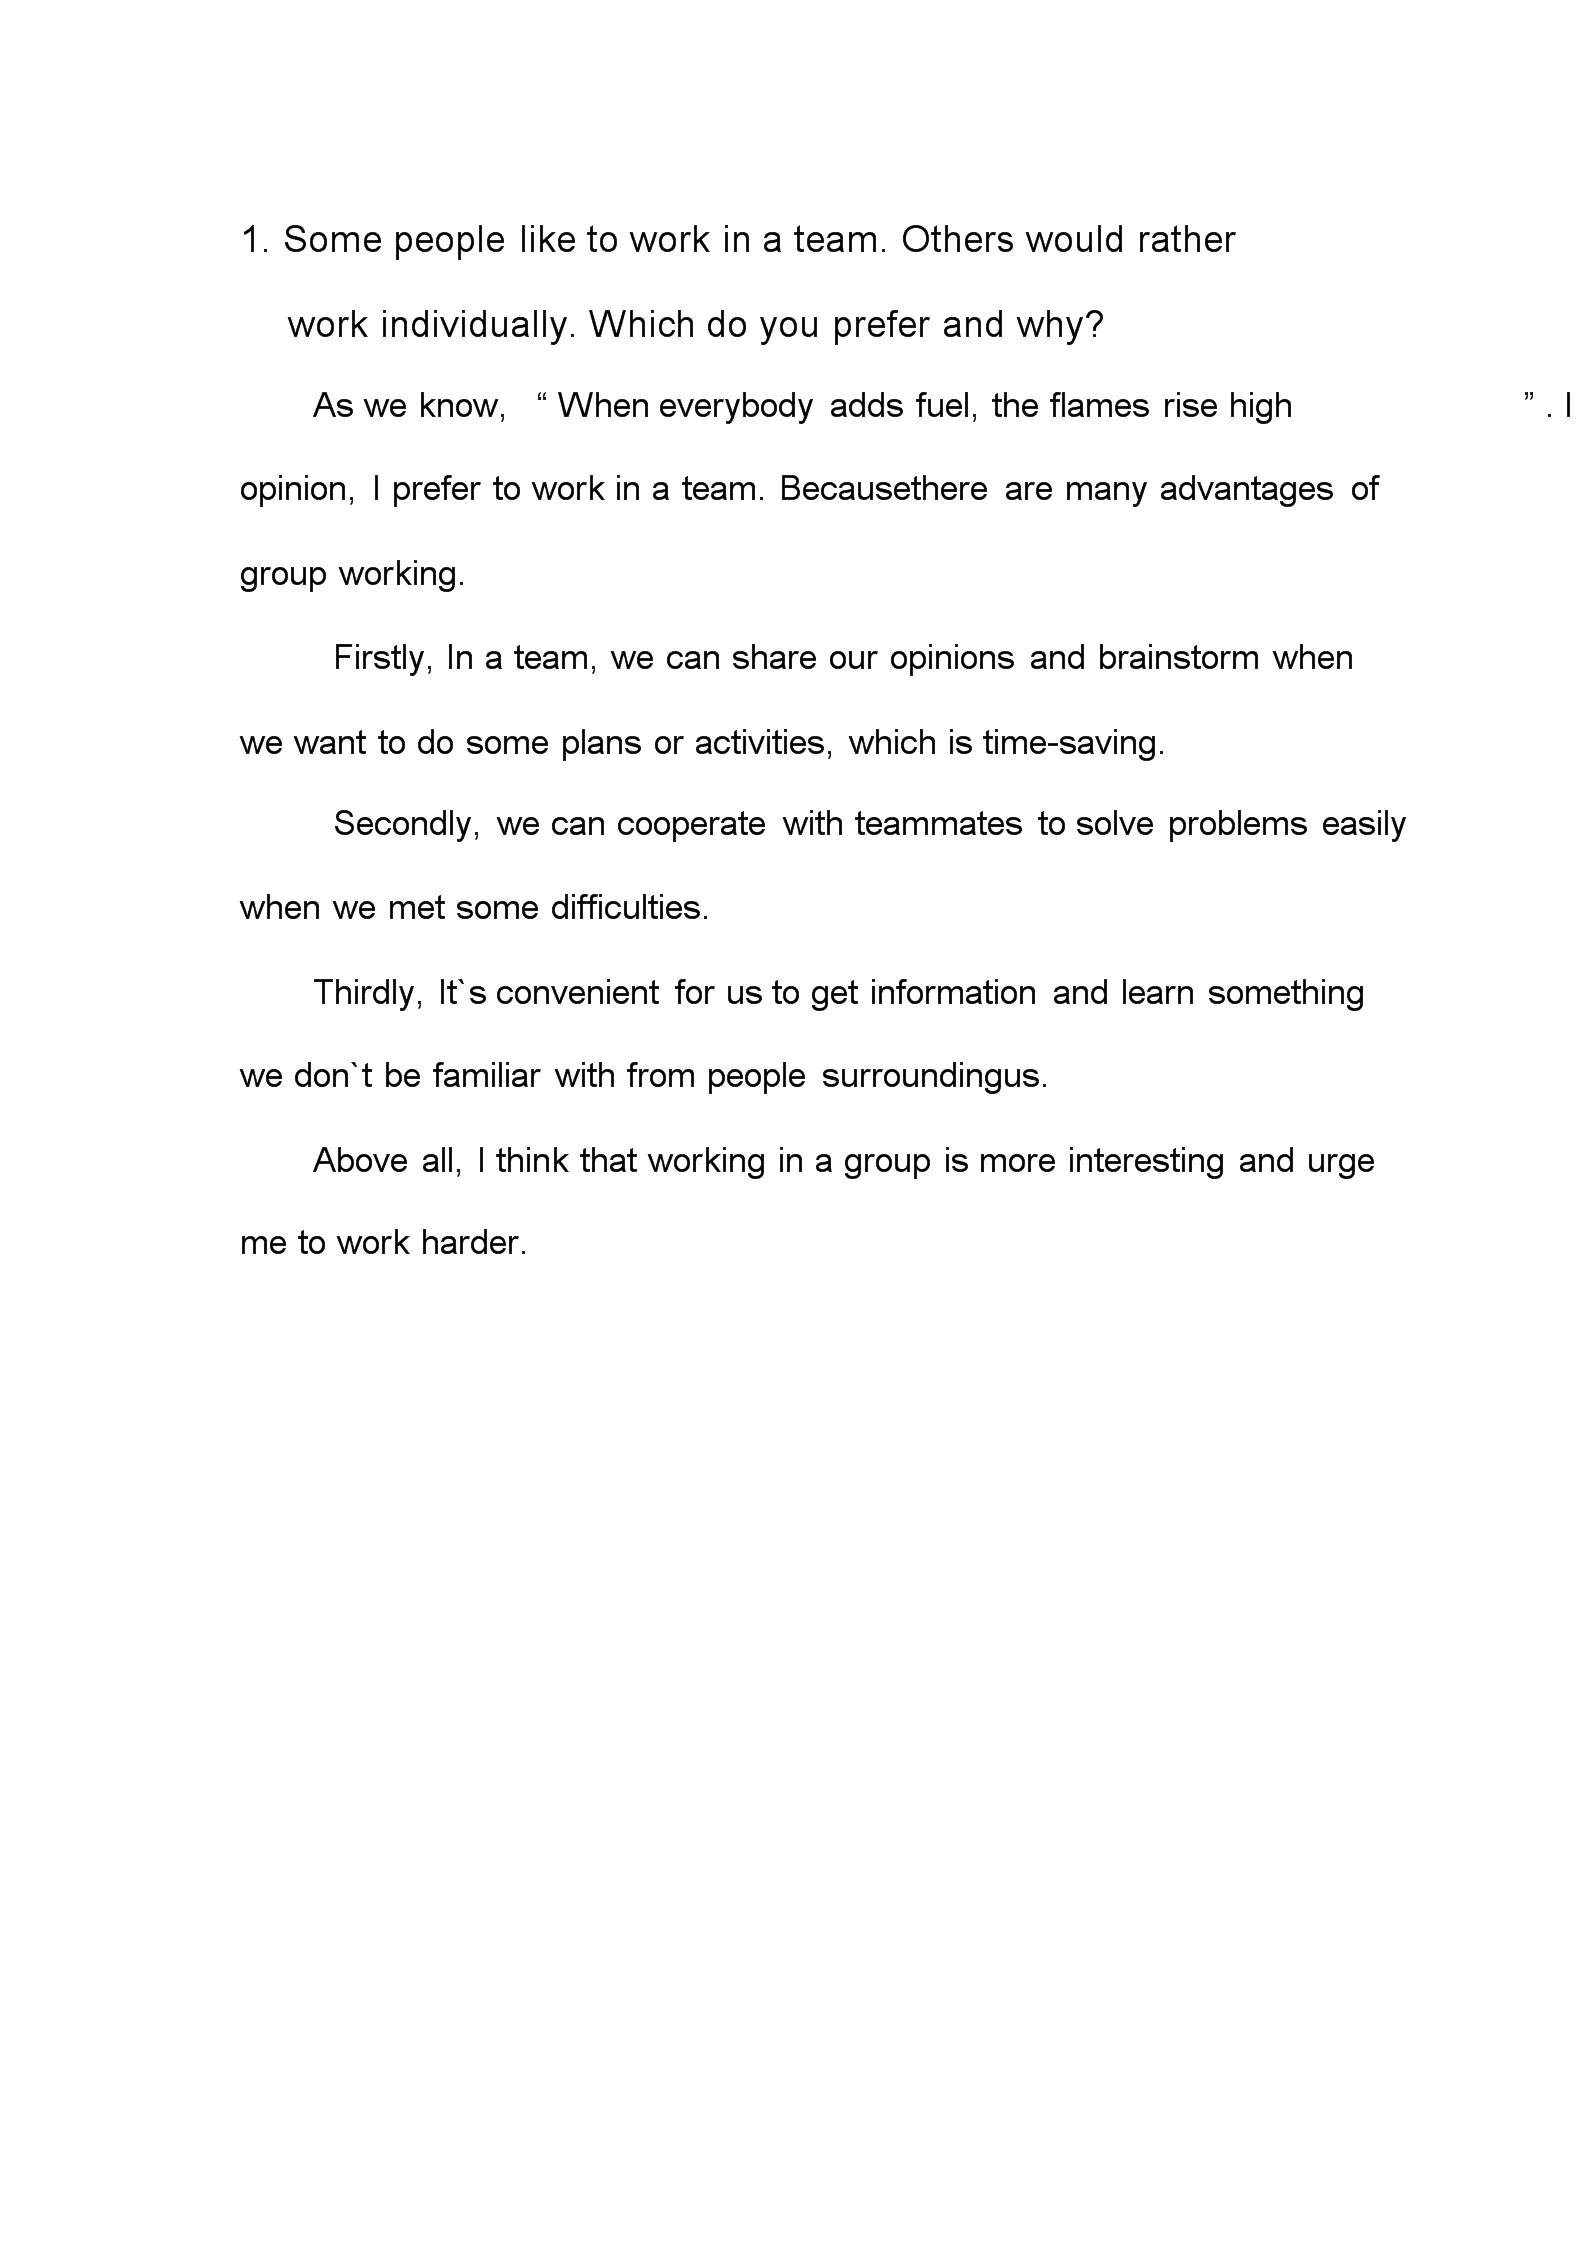 (完整版)南开大学研究生英语口语考试.docx